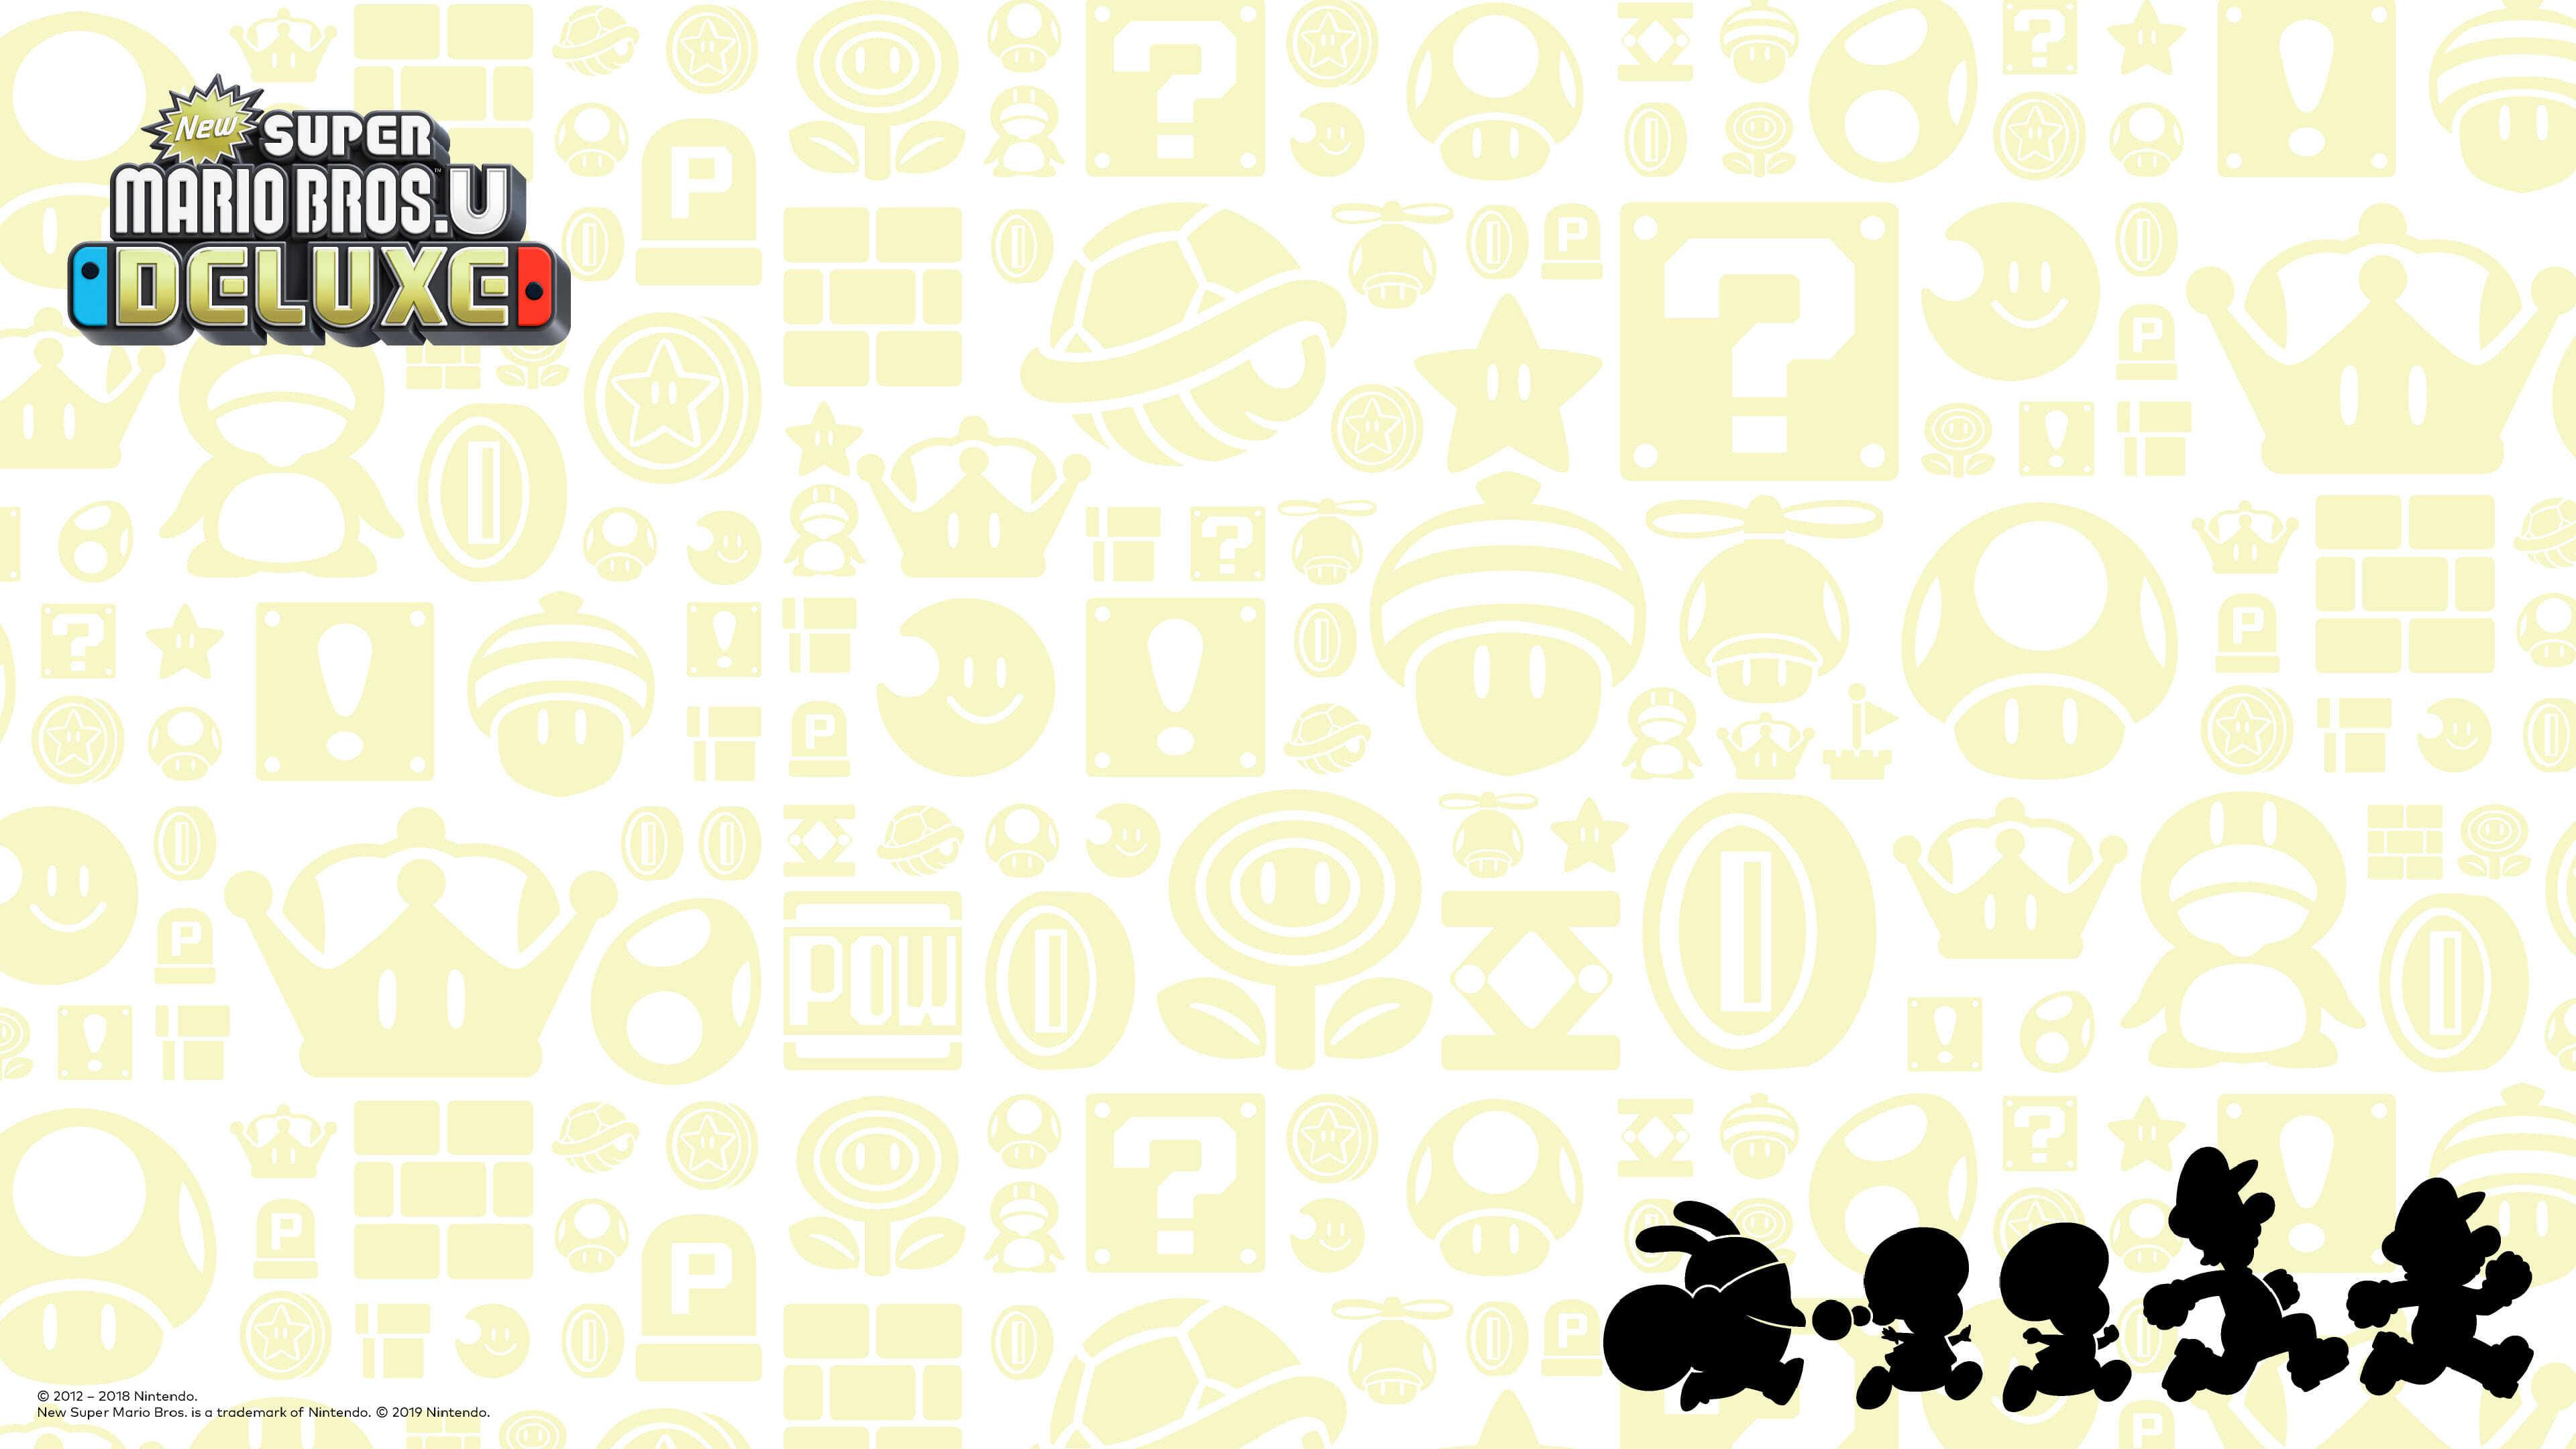 new super mario bros u deluxe silhouette uhd 4k wallpaper